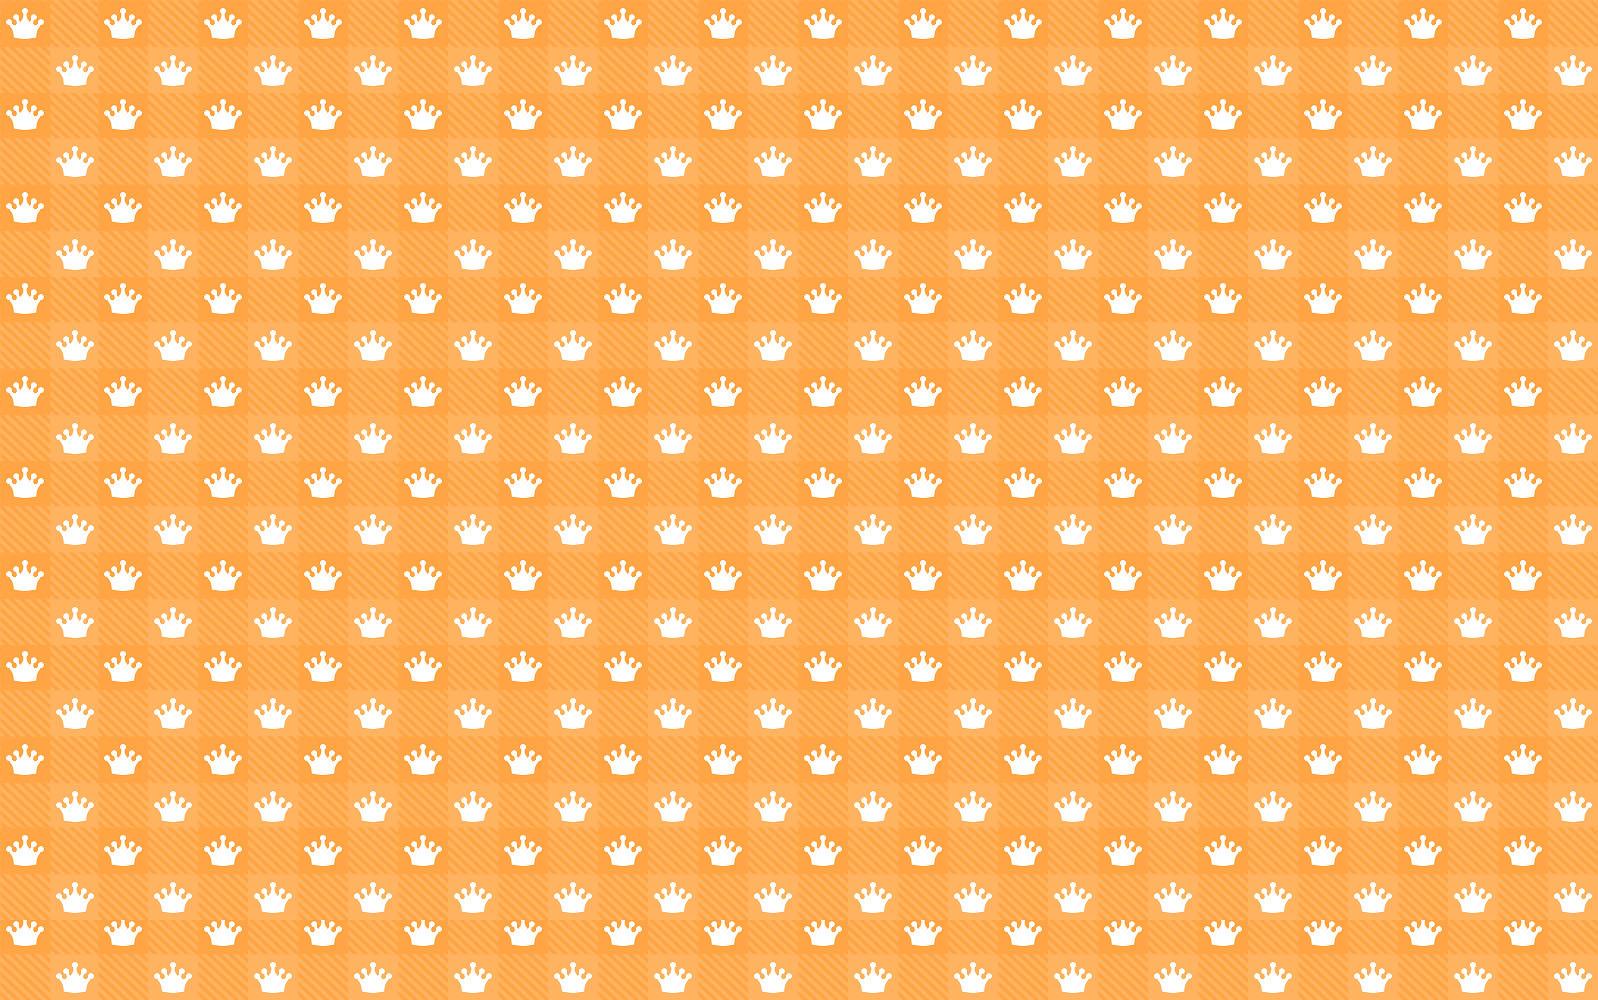 http://1.bp.blogspot.com/-hc-TCyctQnM/UX5-atDKO9I/AAAAAAAAO-o/RAGSXP4nyLU/s1600/mooie-oranje-bureaublad-achtergrond-met-afbeelding-van-witte-kroontjes-van-het-koningshuis-voor-koninginnedag-en-koningsdag-2013-feest-van-de-oranjes-hd-oranje-wallpaper.jpg